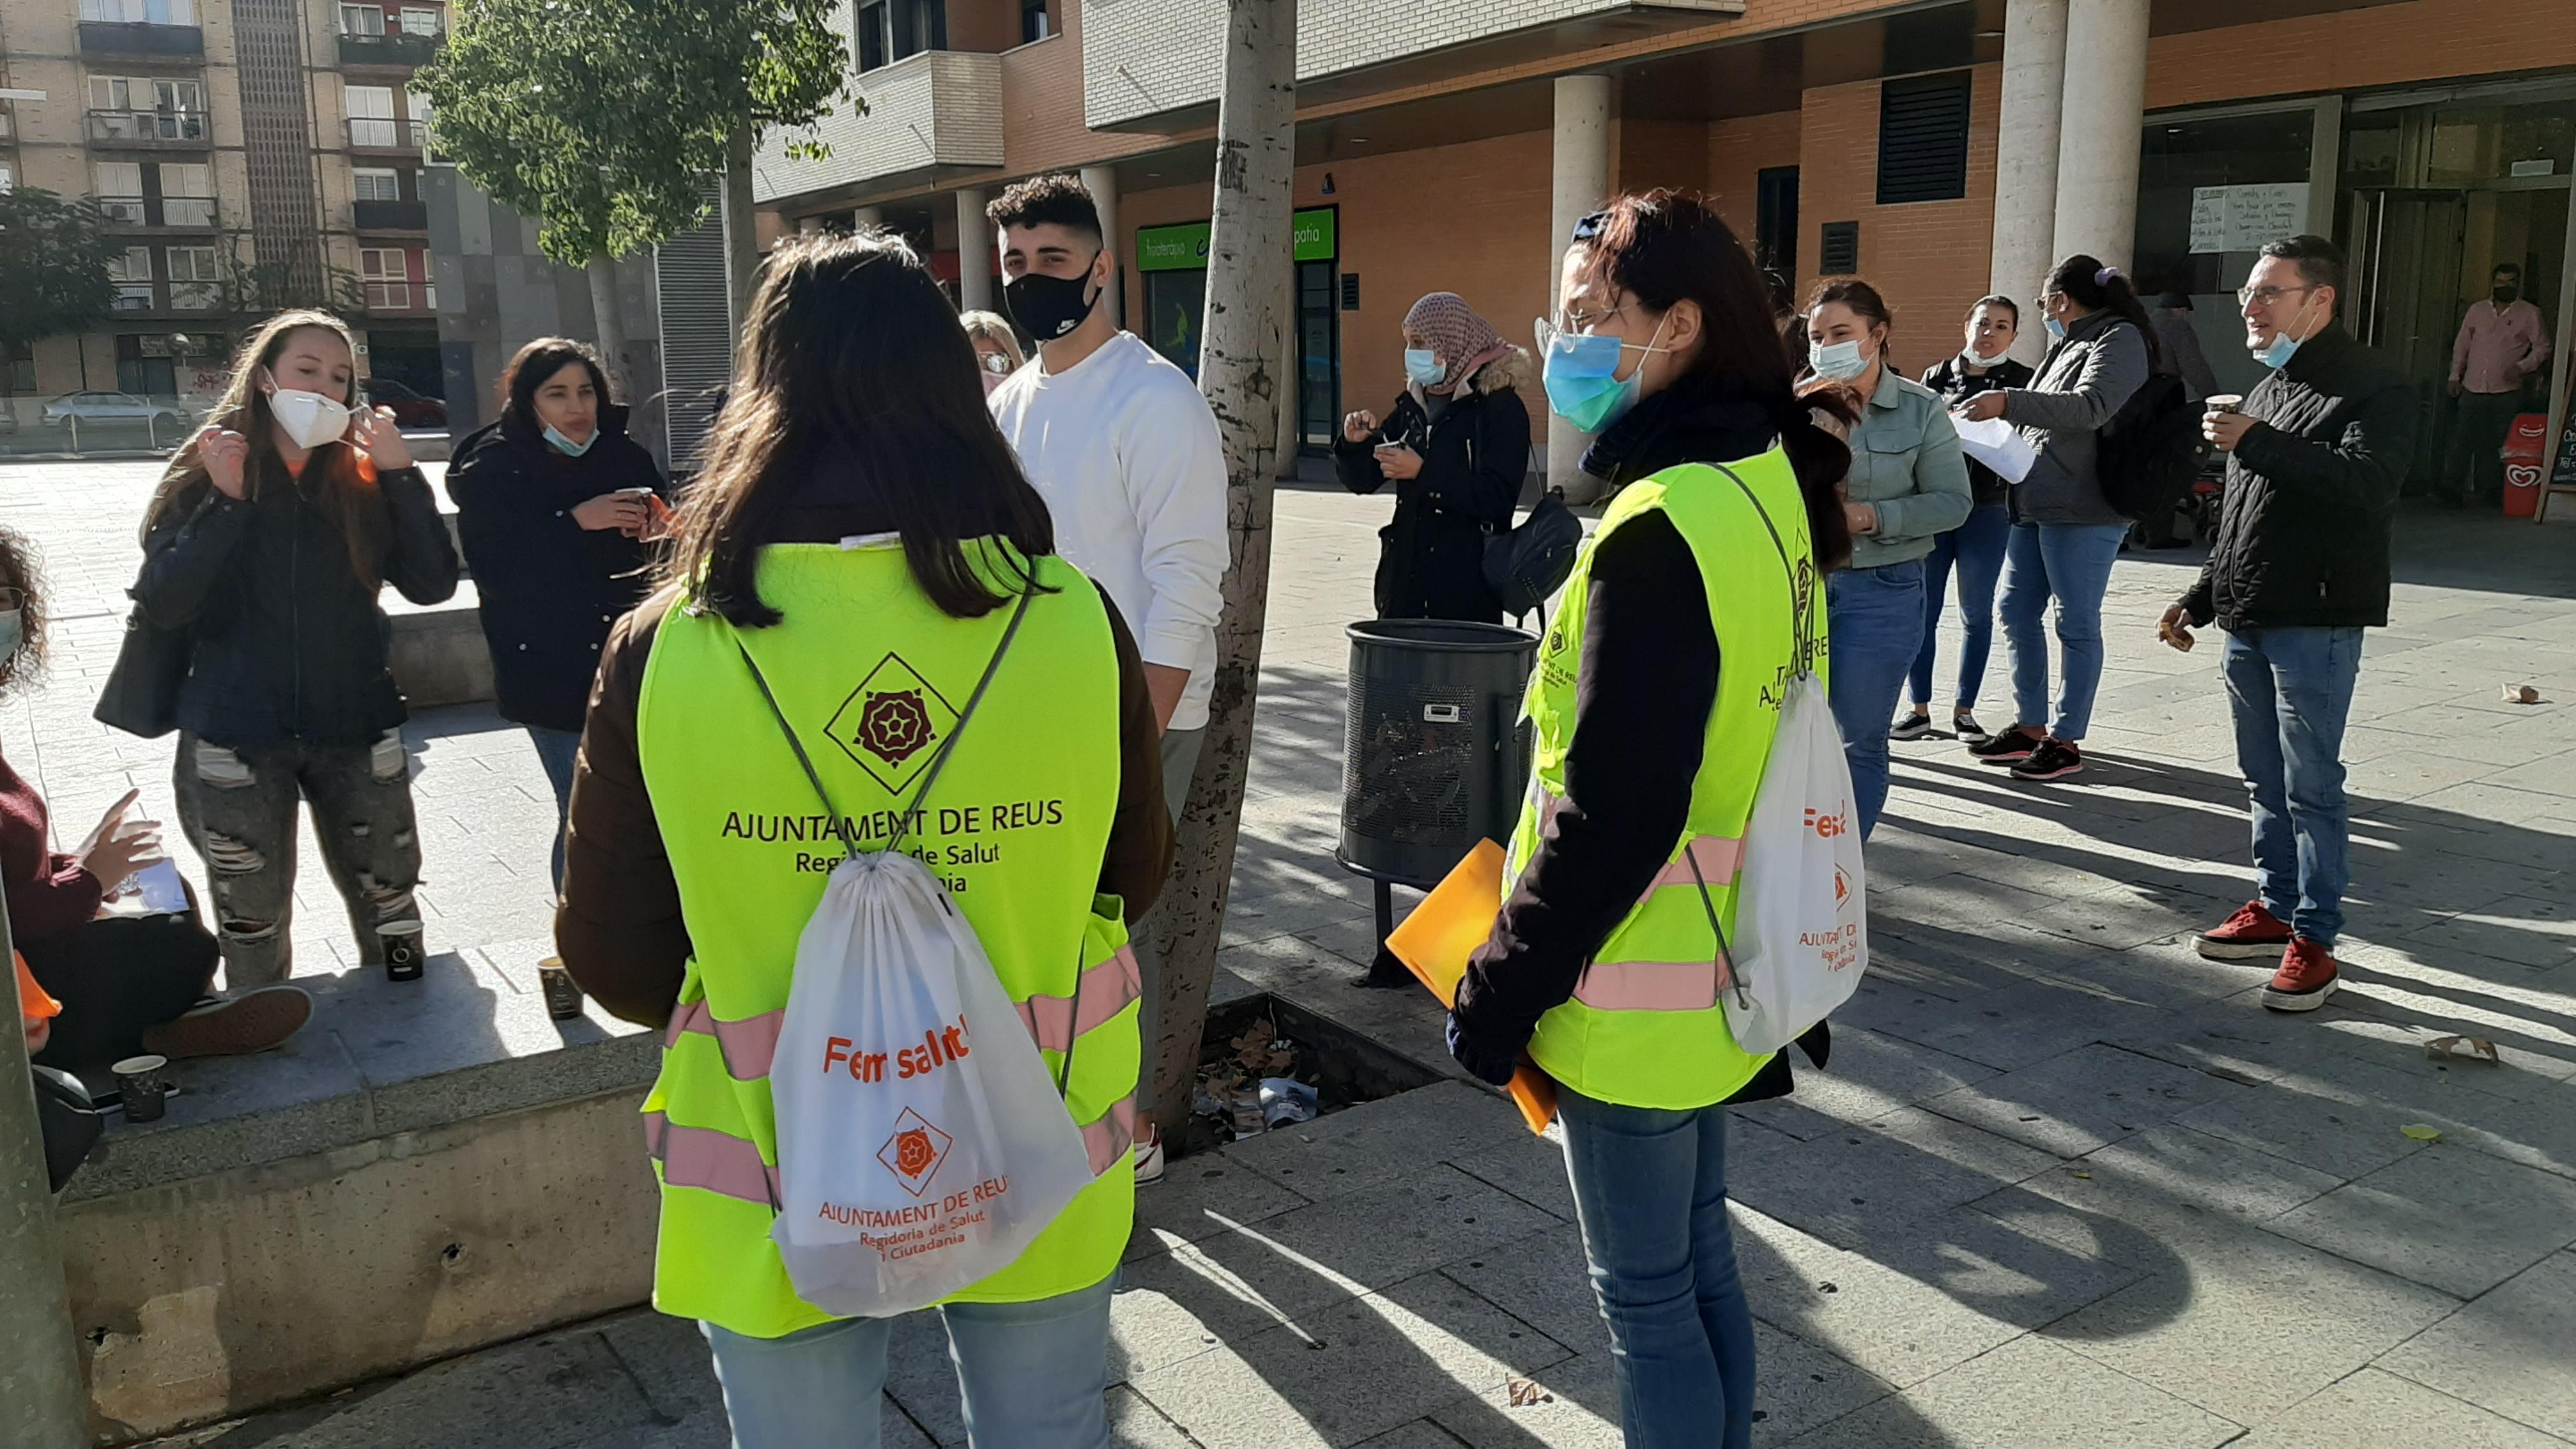 La campanya informativa d'agents de salut de carrer, impulsada per la regidoria de Salut i Ciutadania de l'Ajuntament de Reus,ha comença...